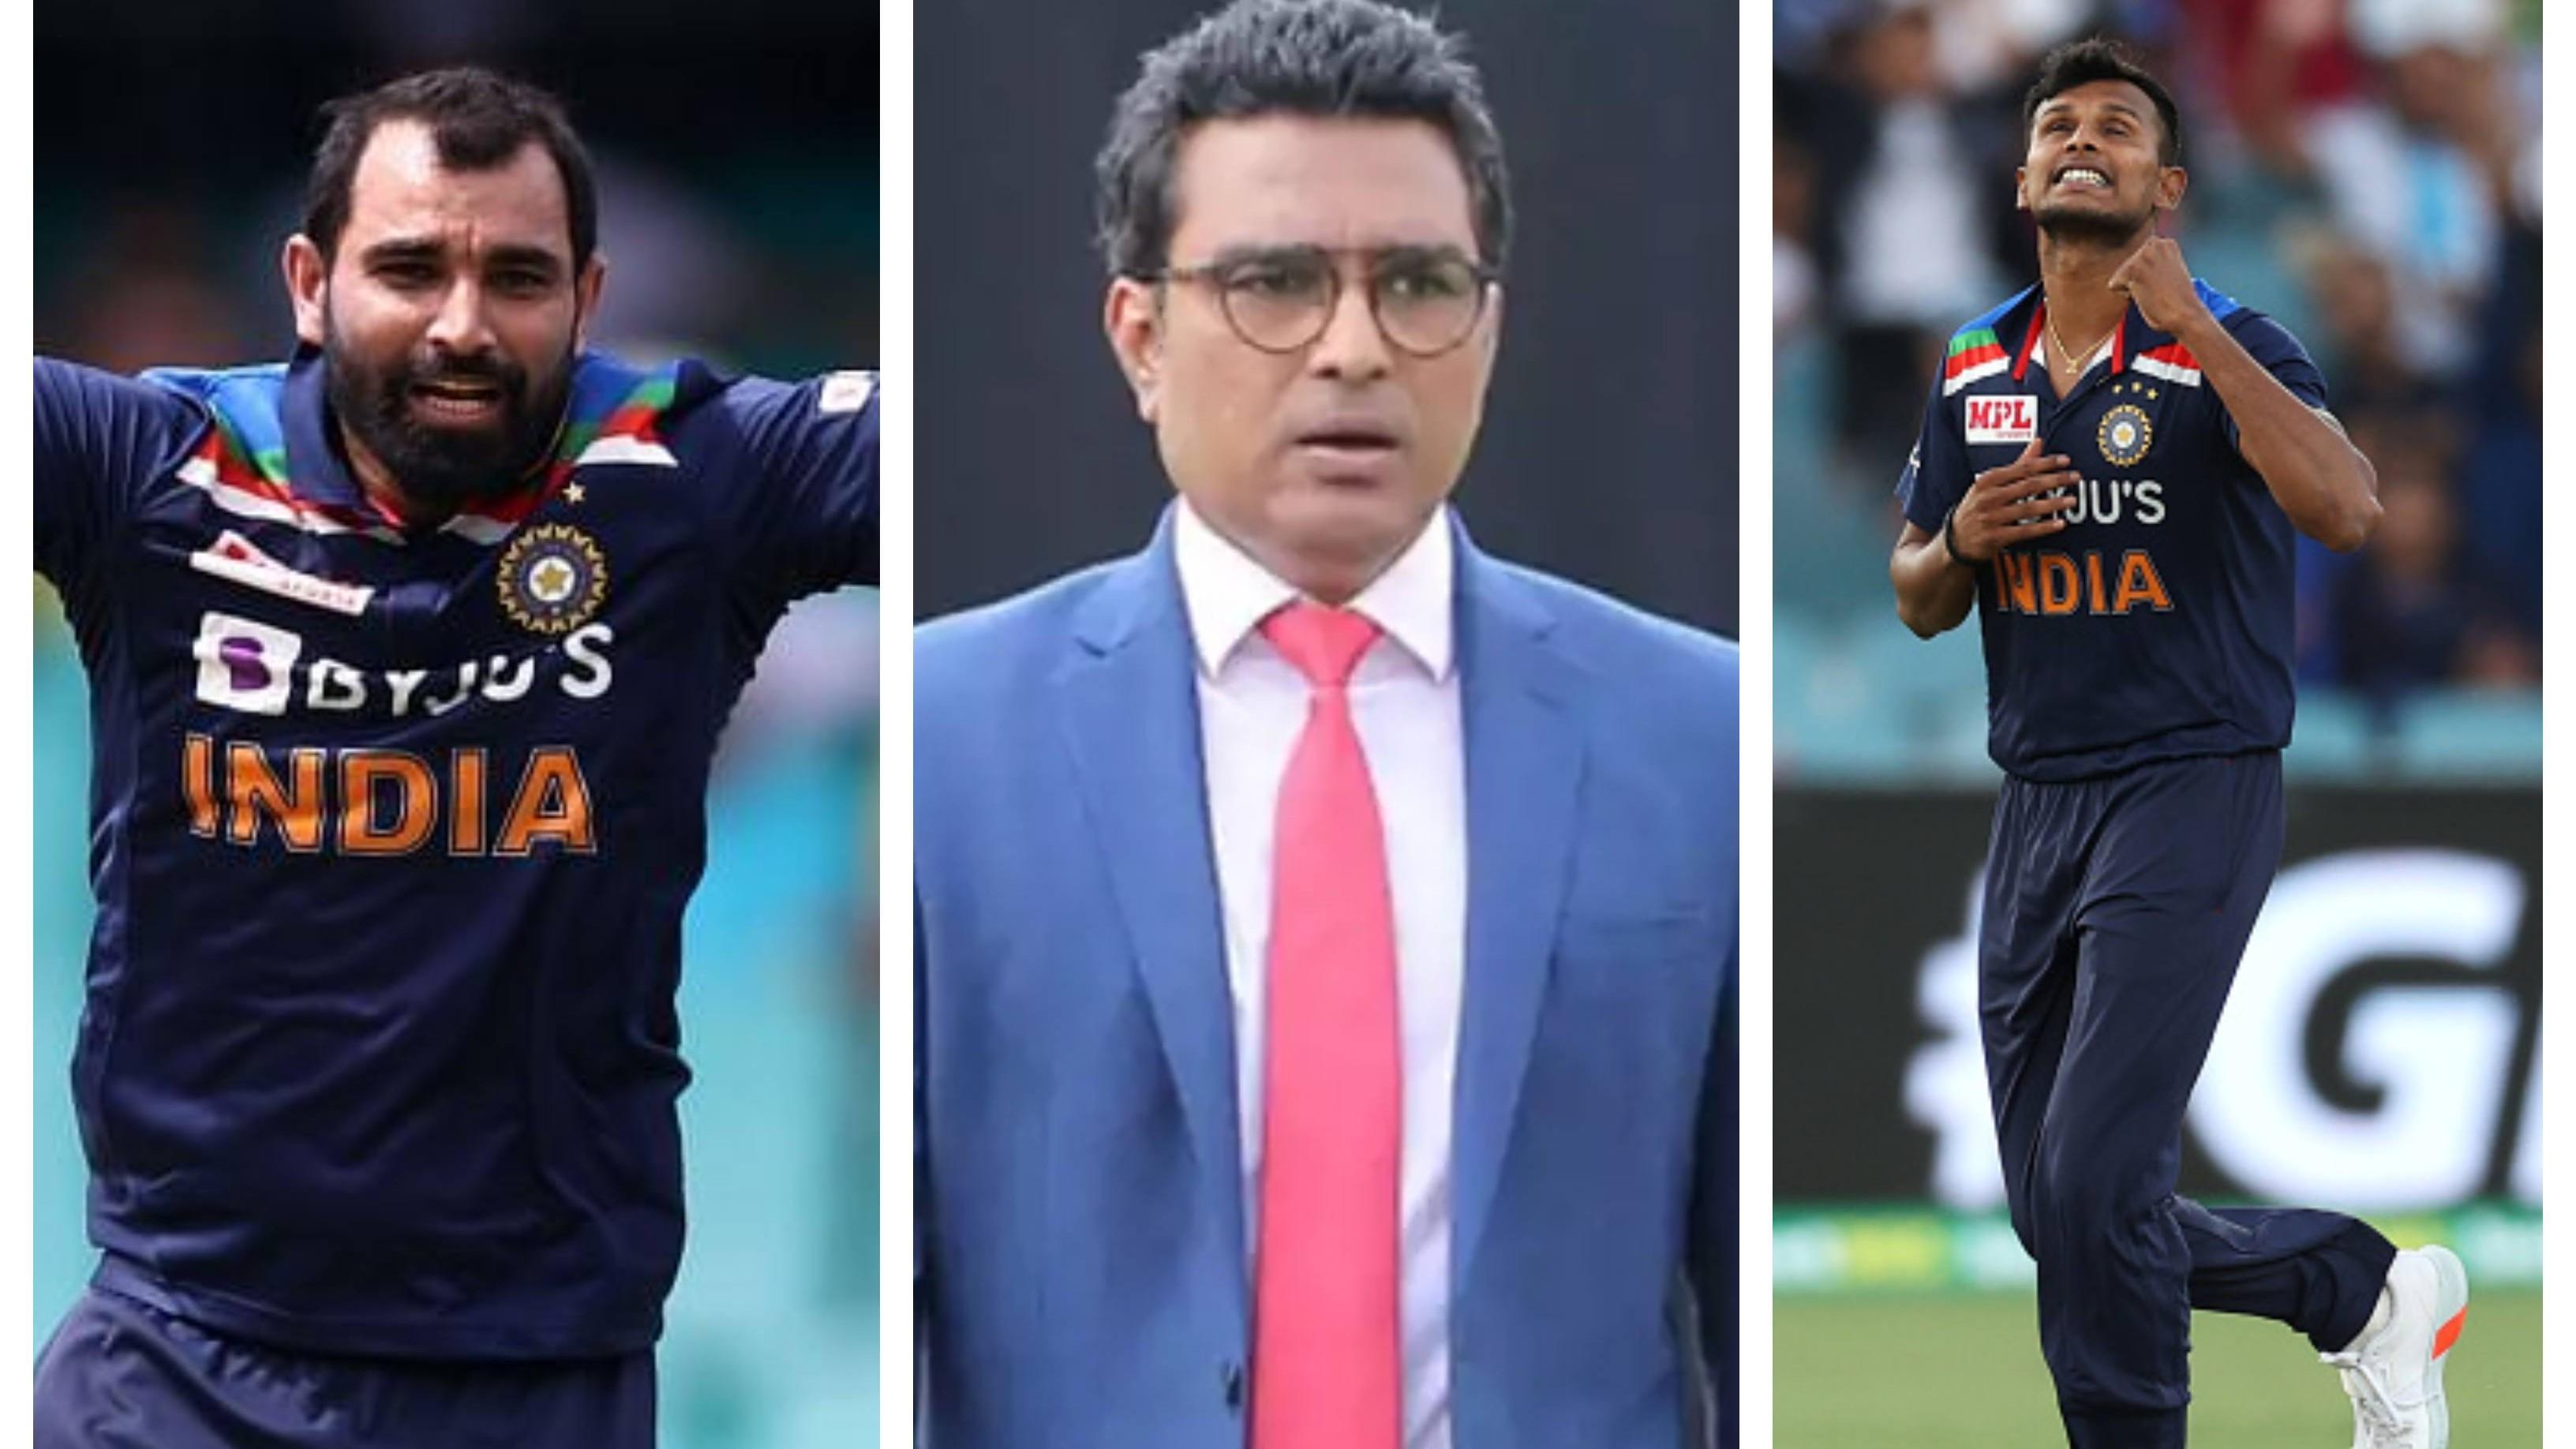 AUS v IND 2020-21: 'He has put Shami under pressure as a T20I bowler', Manjrekar hails Natarajan